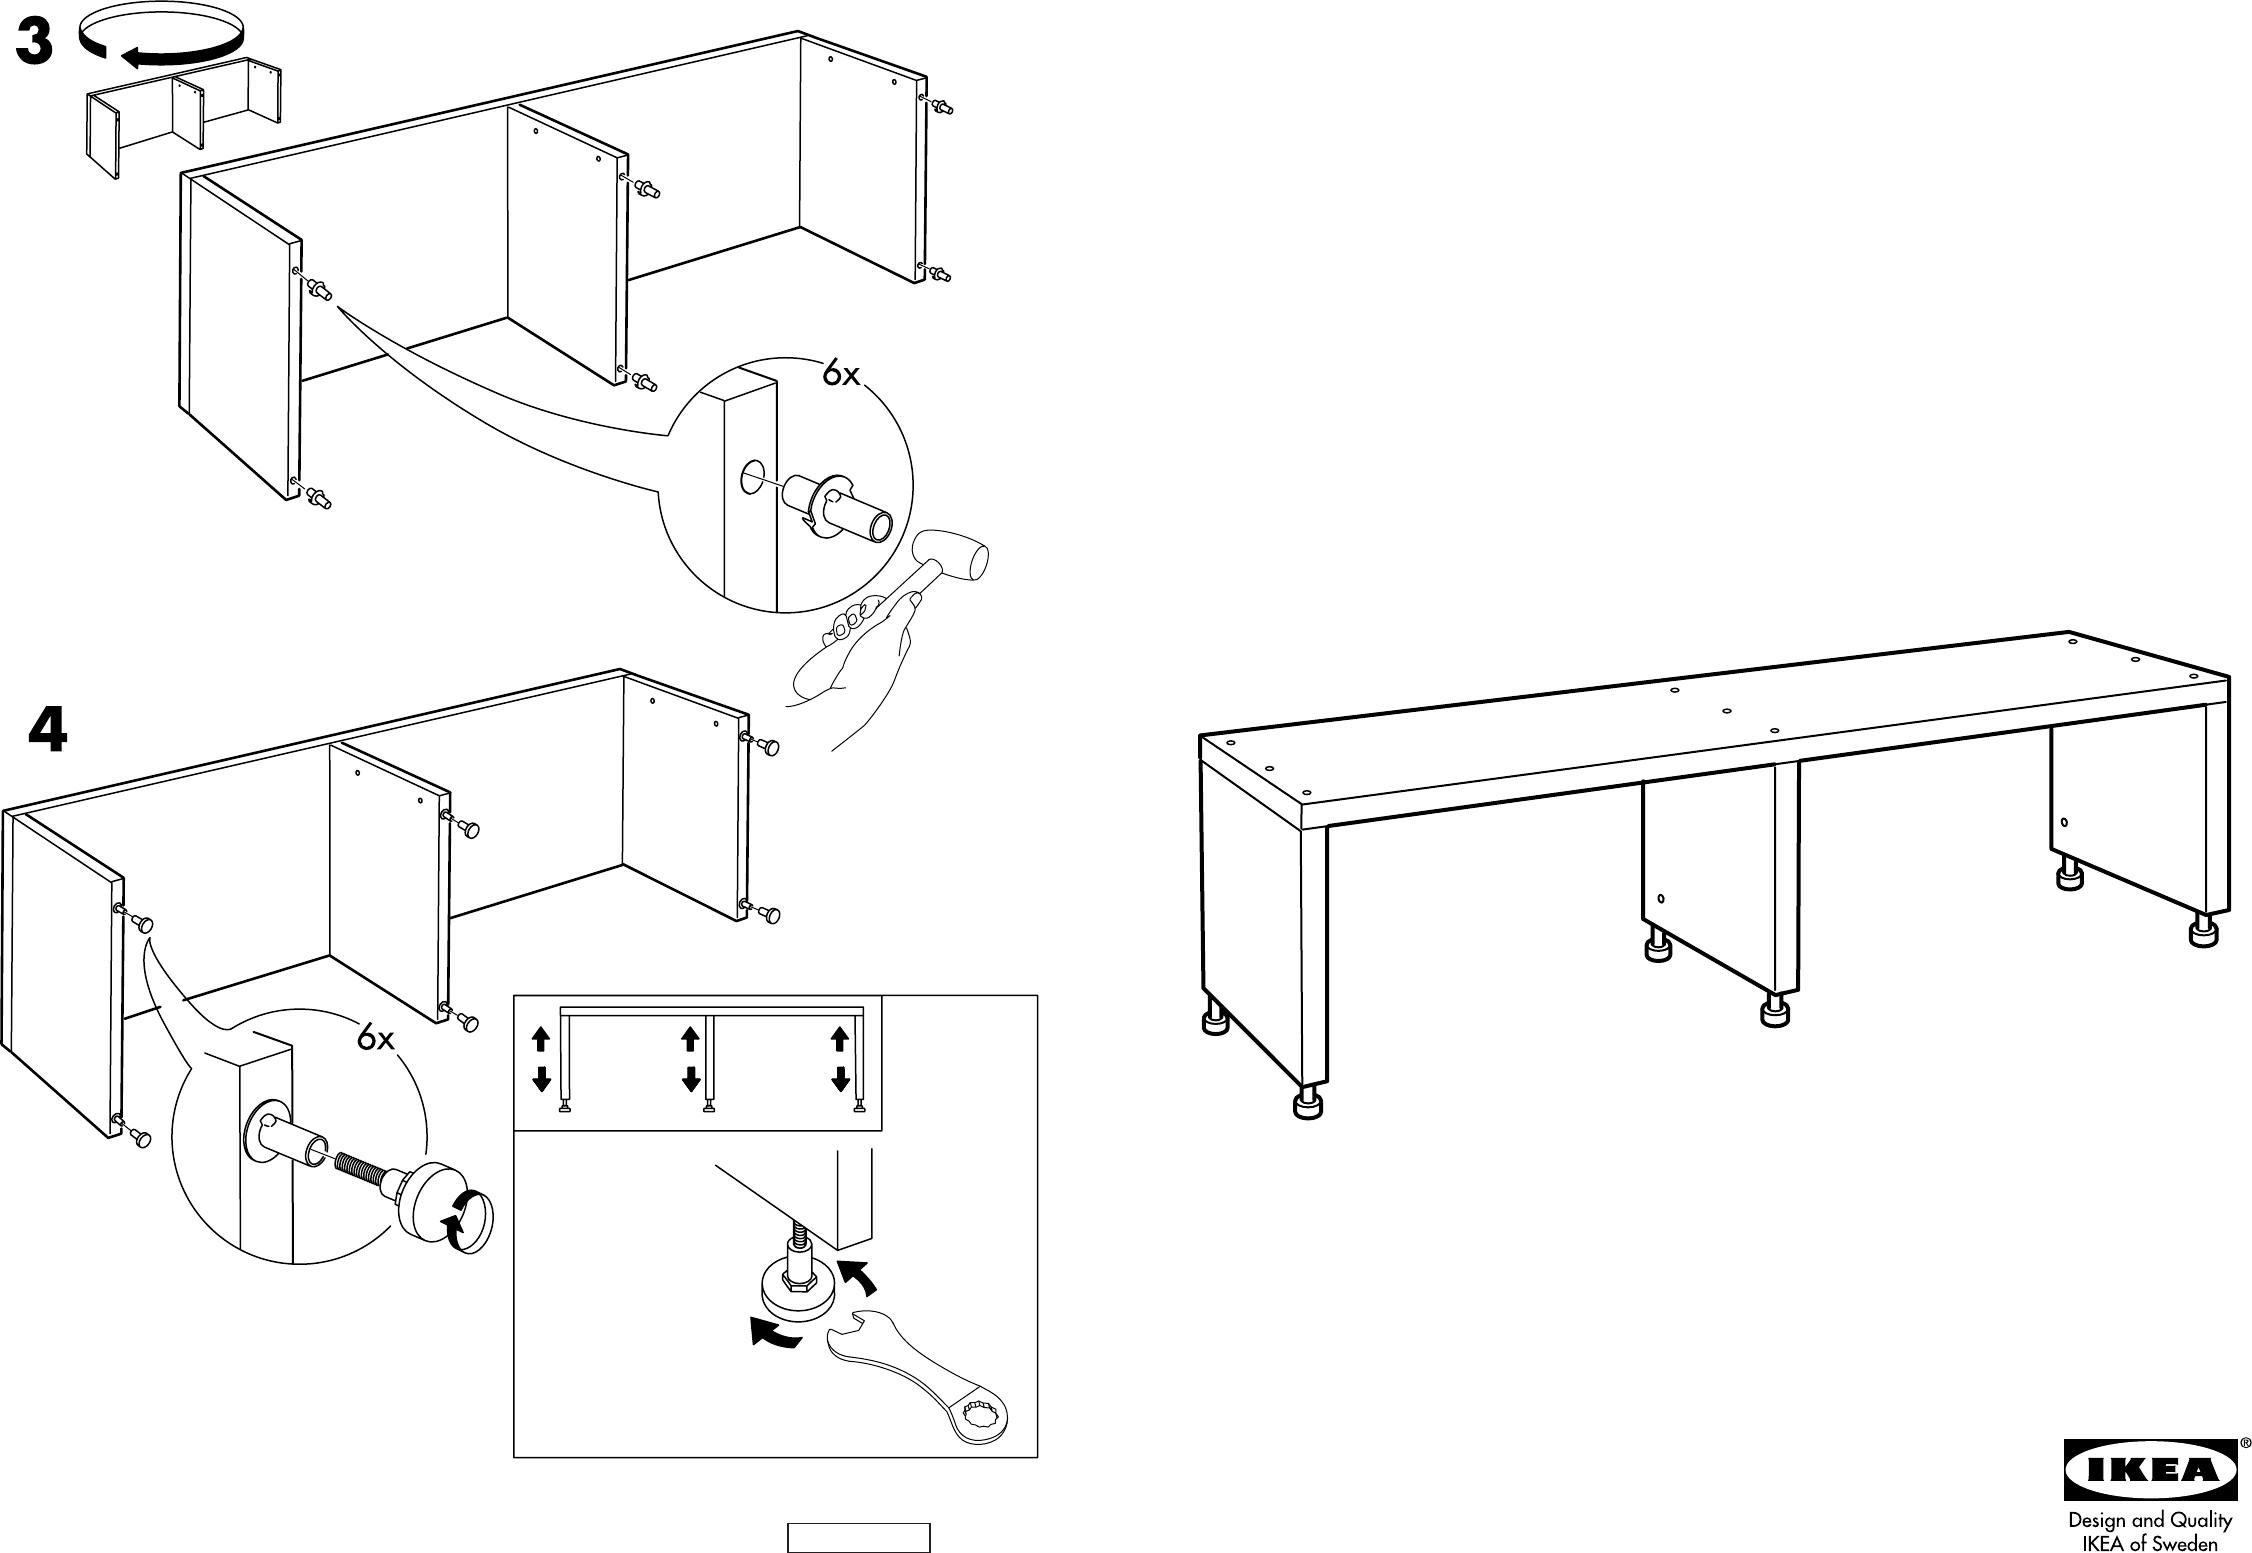 bedienungsanleitung ikea borghamn tv meubel seite 1 von 2 d nisch deutsch englisch. Black Bedroom Furniture Sets. Home Design Ideas